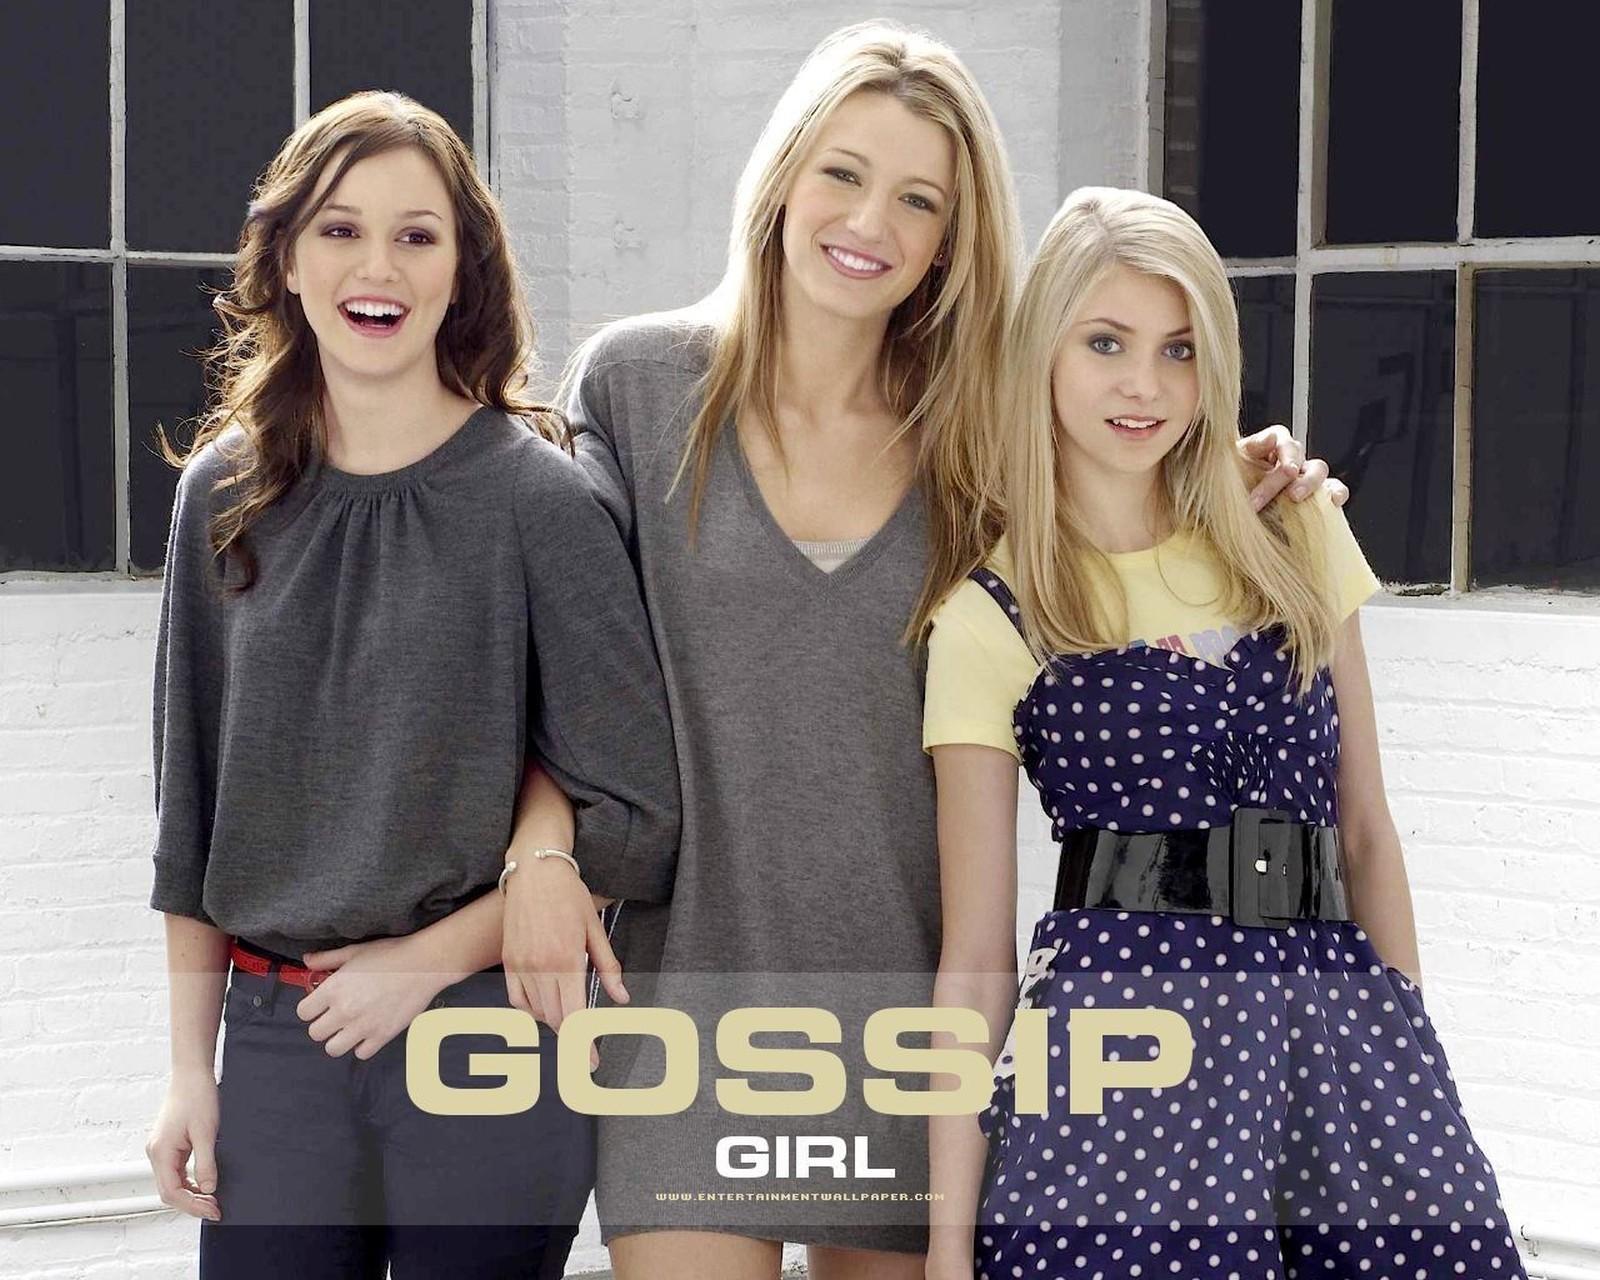 Gossip girl gossip girl